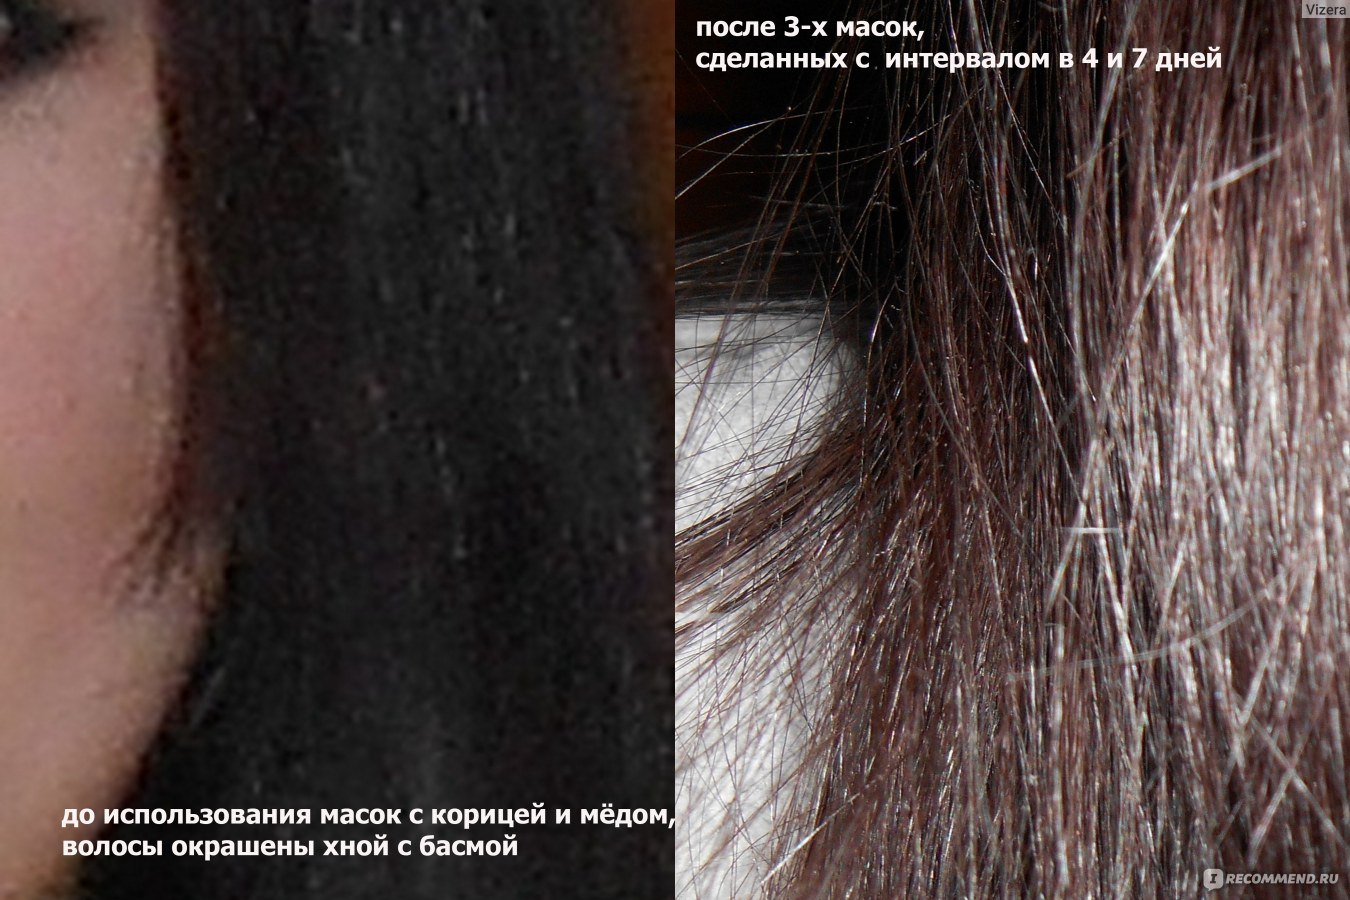 Осветление волос корицей в домашних условиях: инструкция, рецепты масок